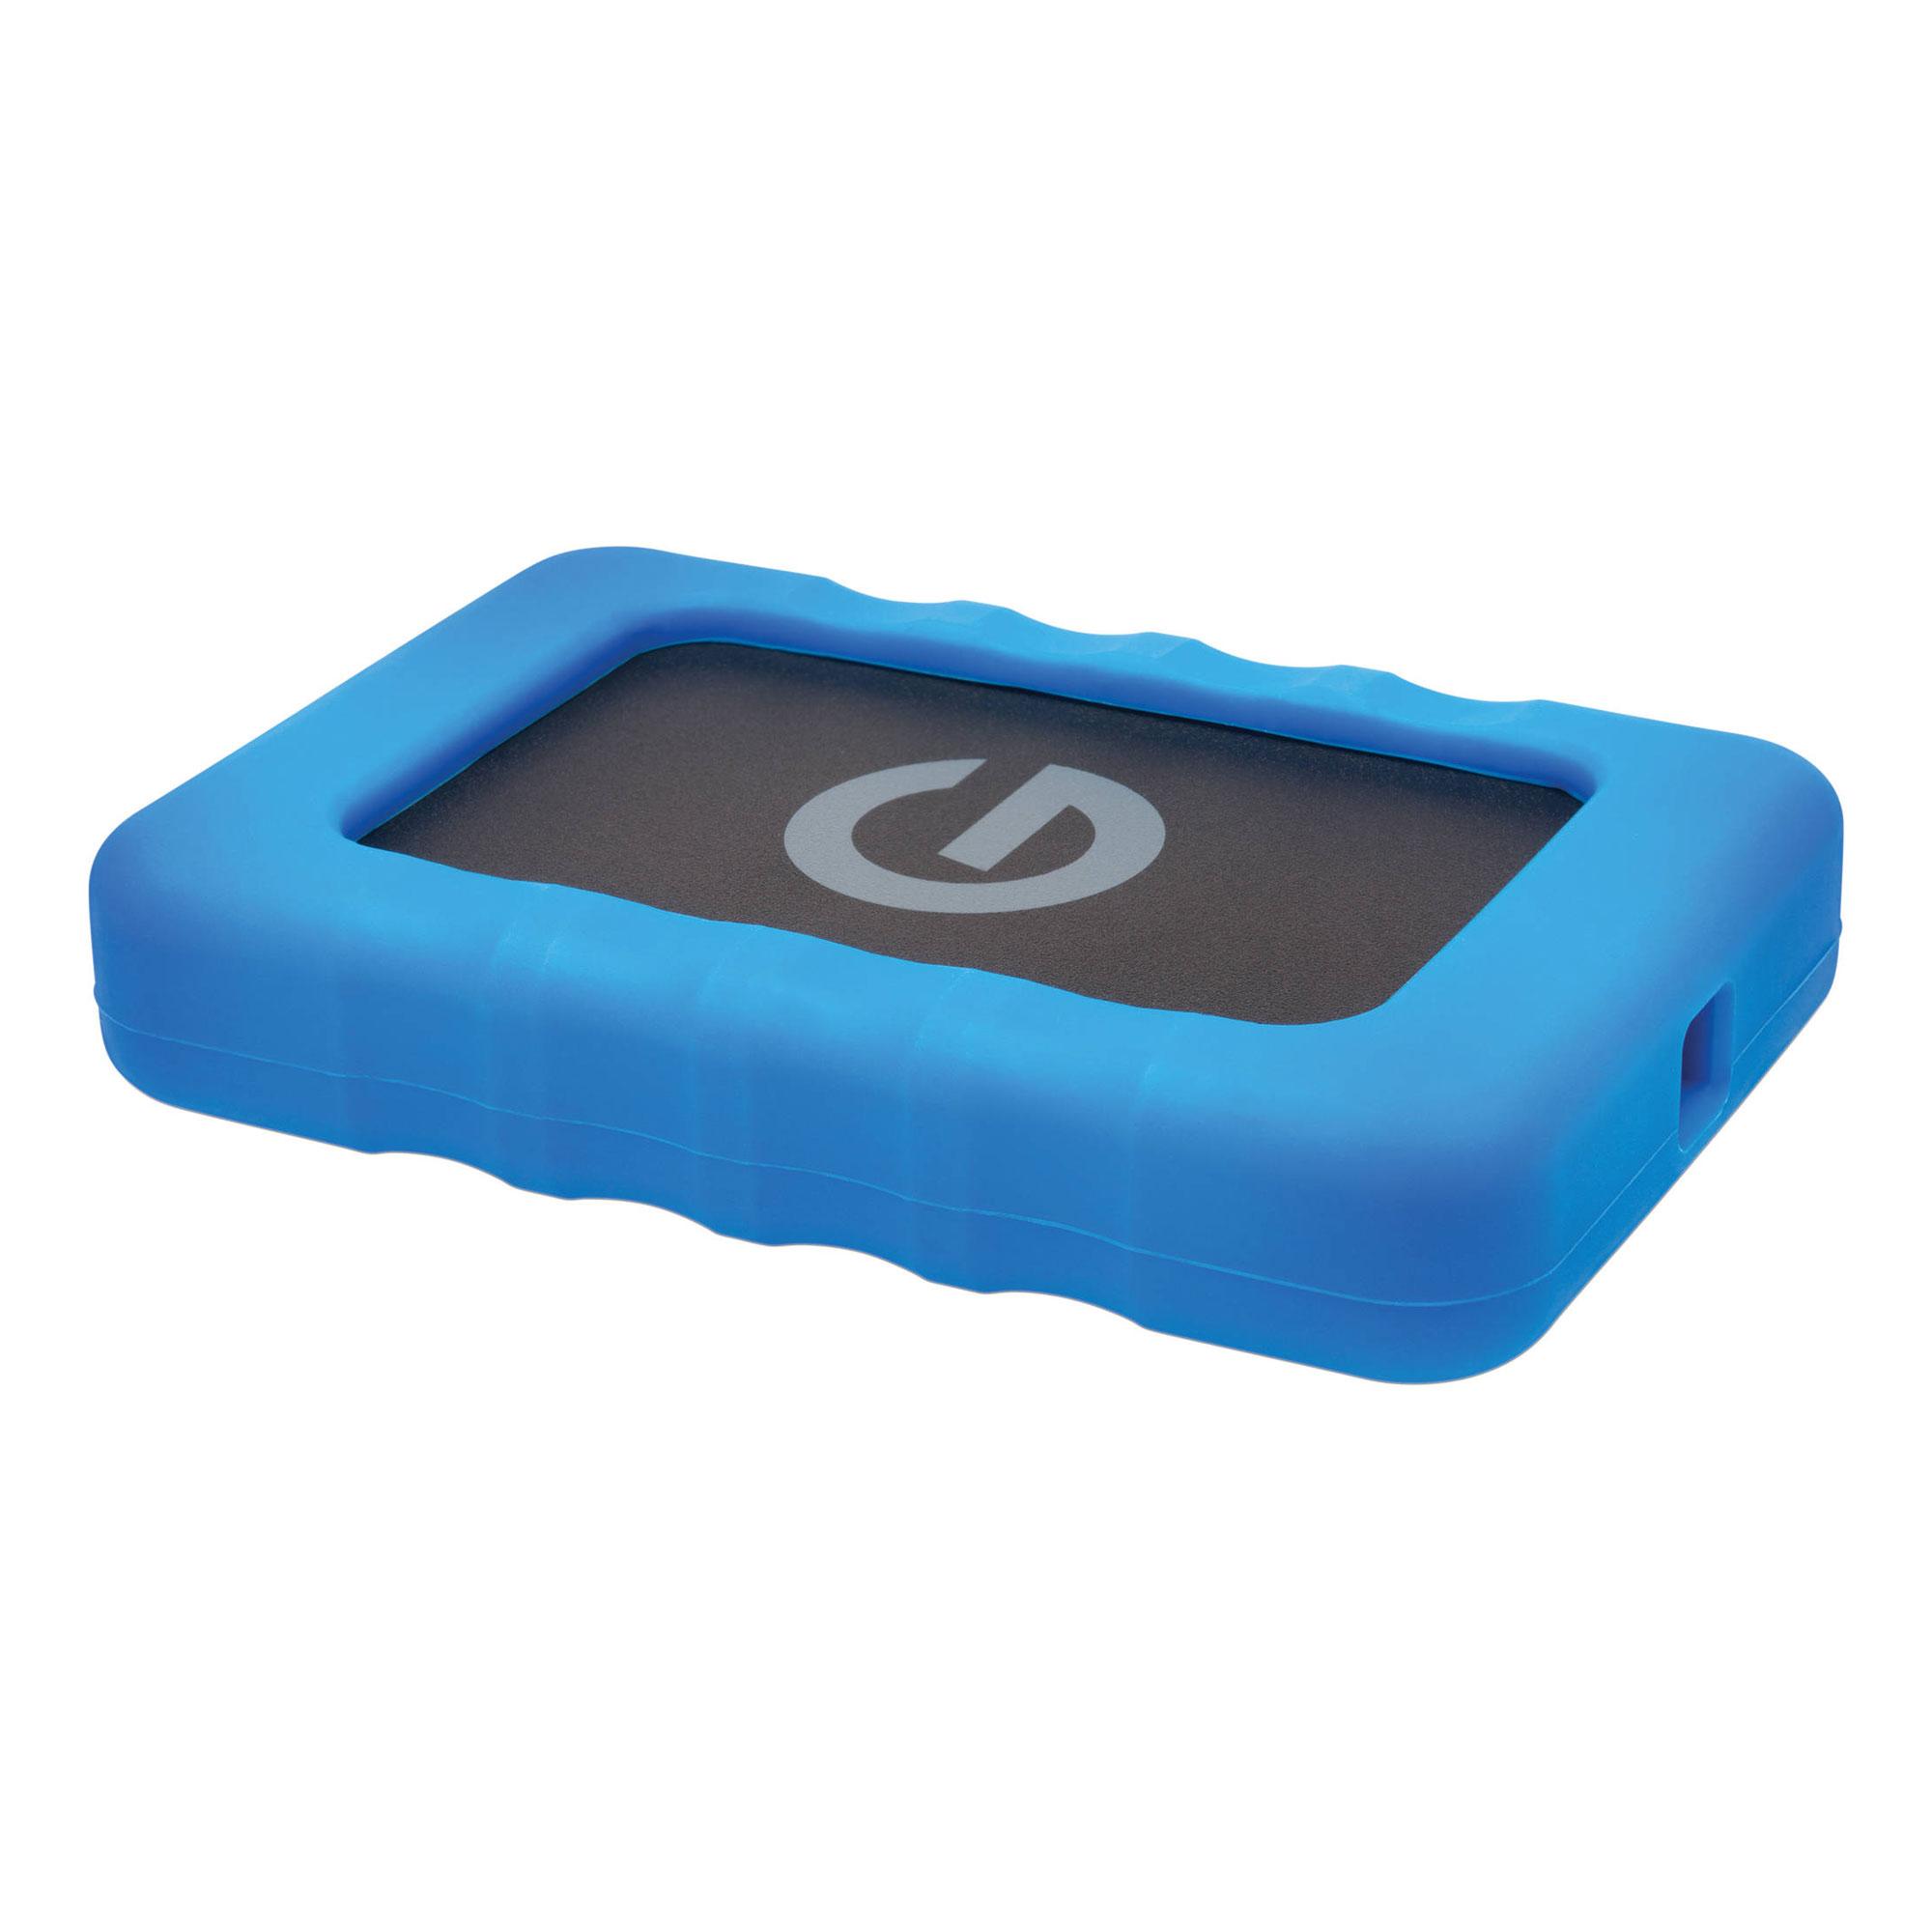 500GB G-DRIVE ev RaW USB 3.0 Hard Drive with Rugged Bumper